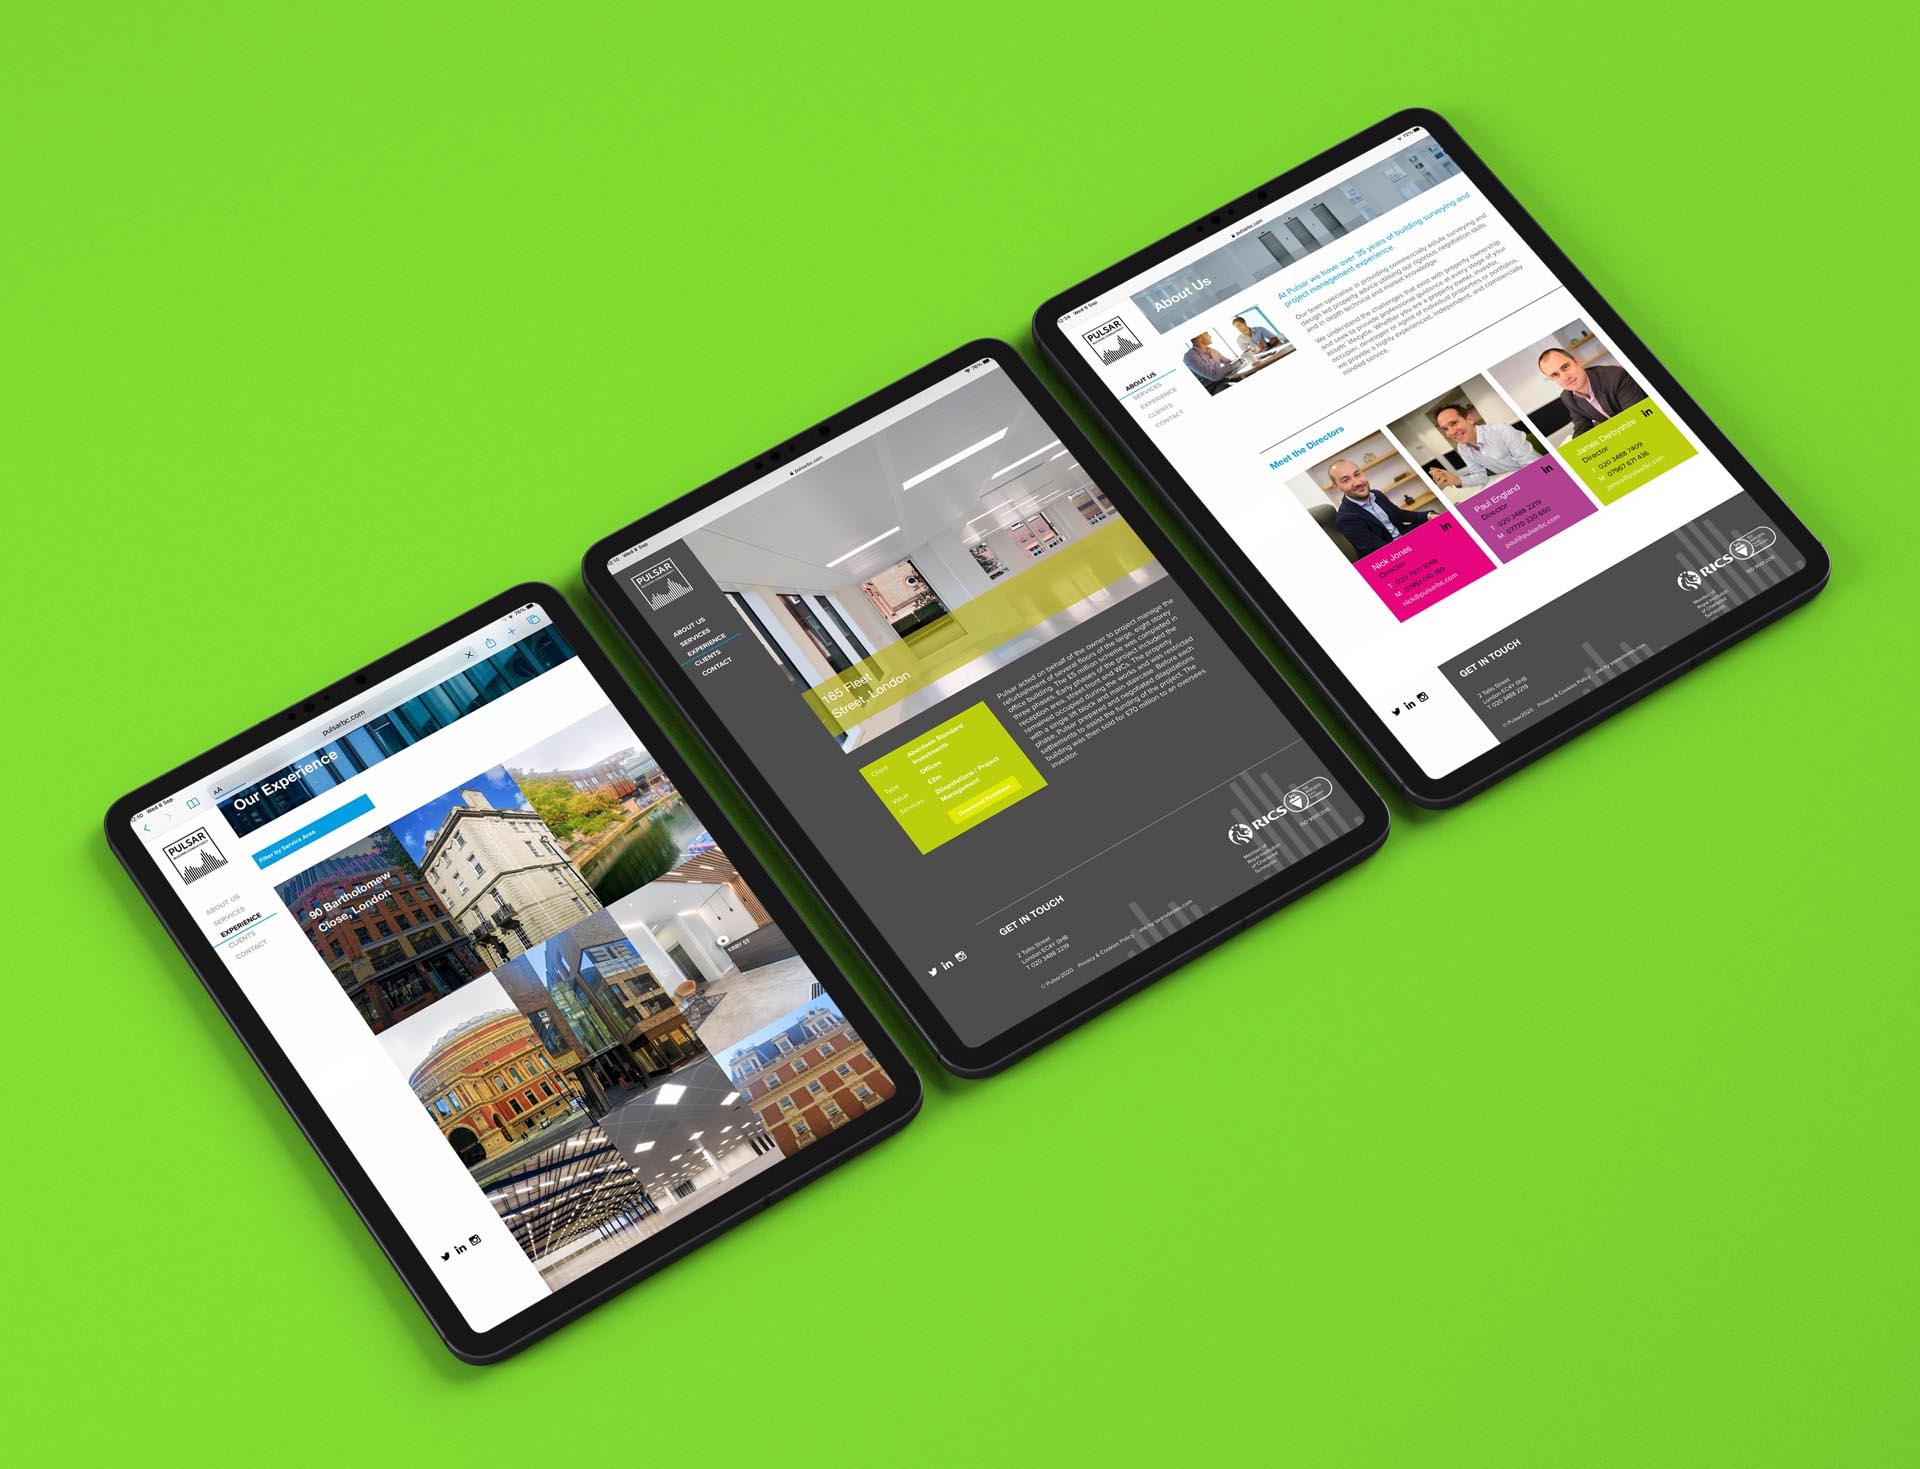 Pulsar_iPad_Pages.jpg